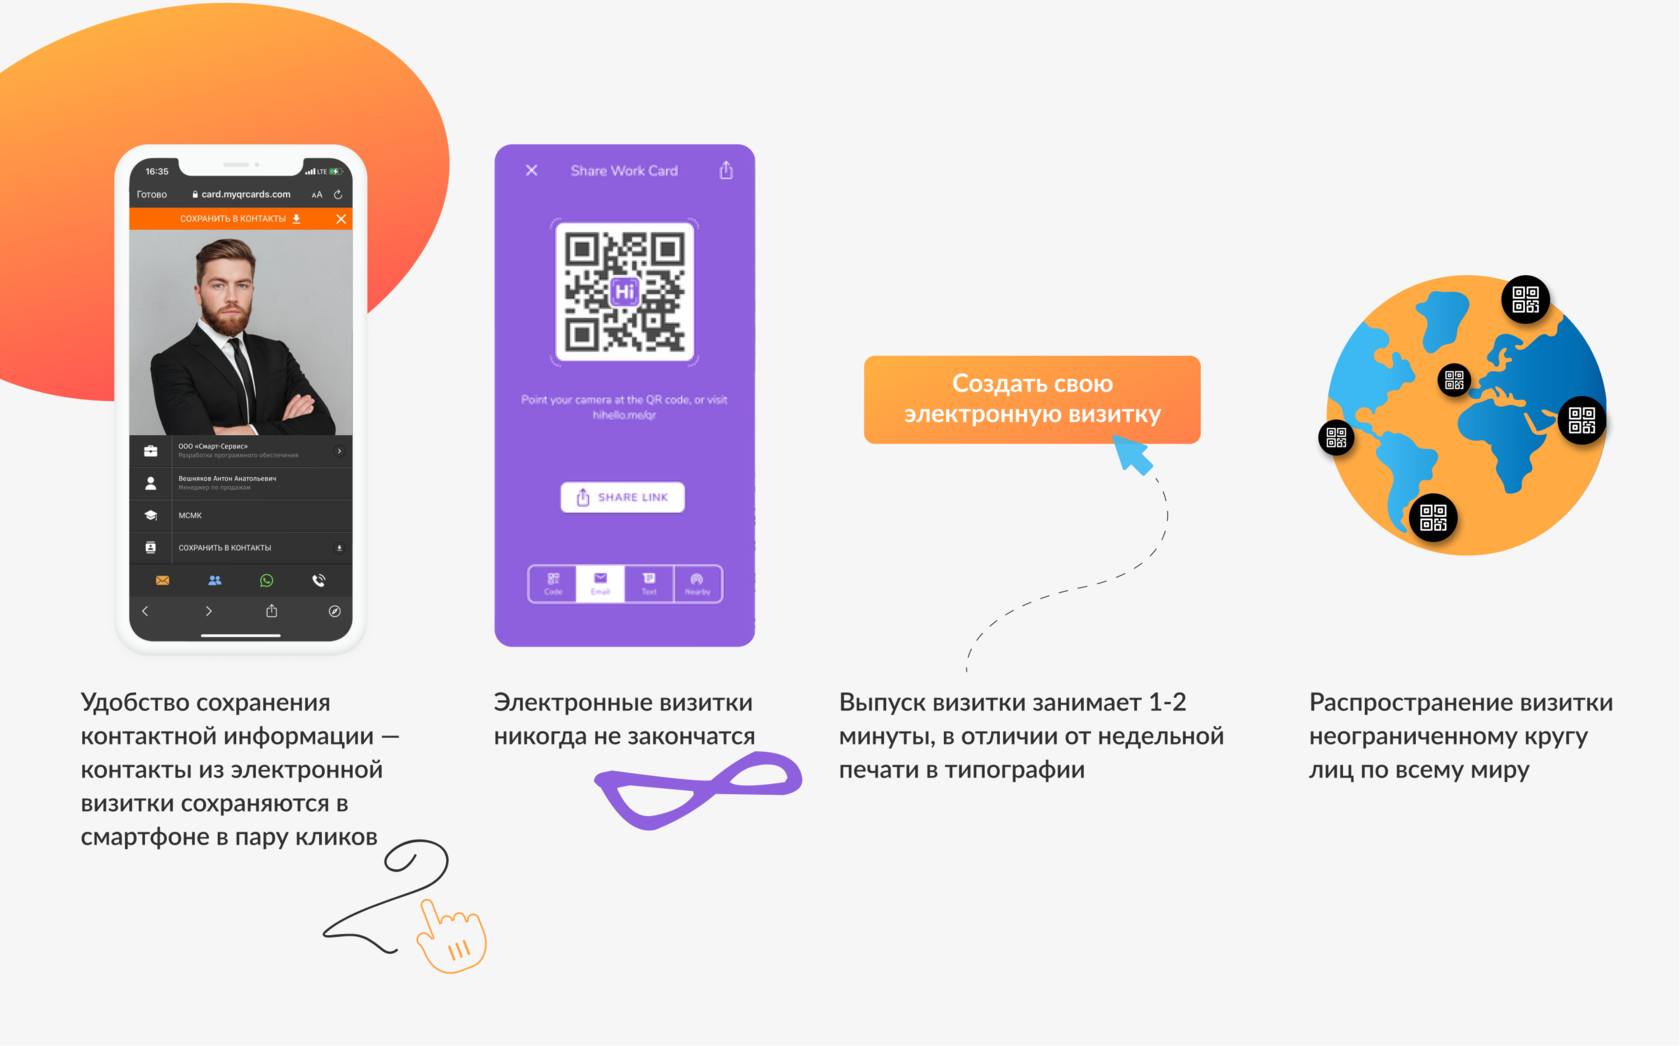 Преимущества электронных визиток MyQRcards перед бумажными